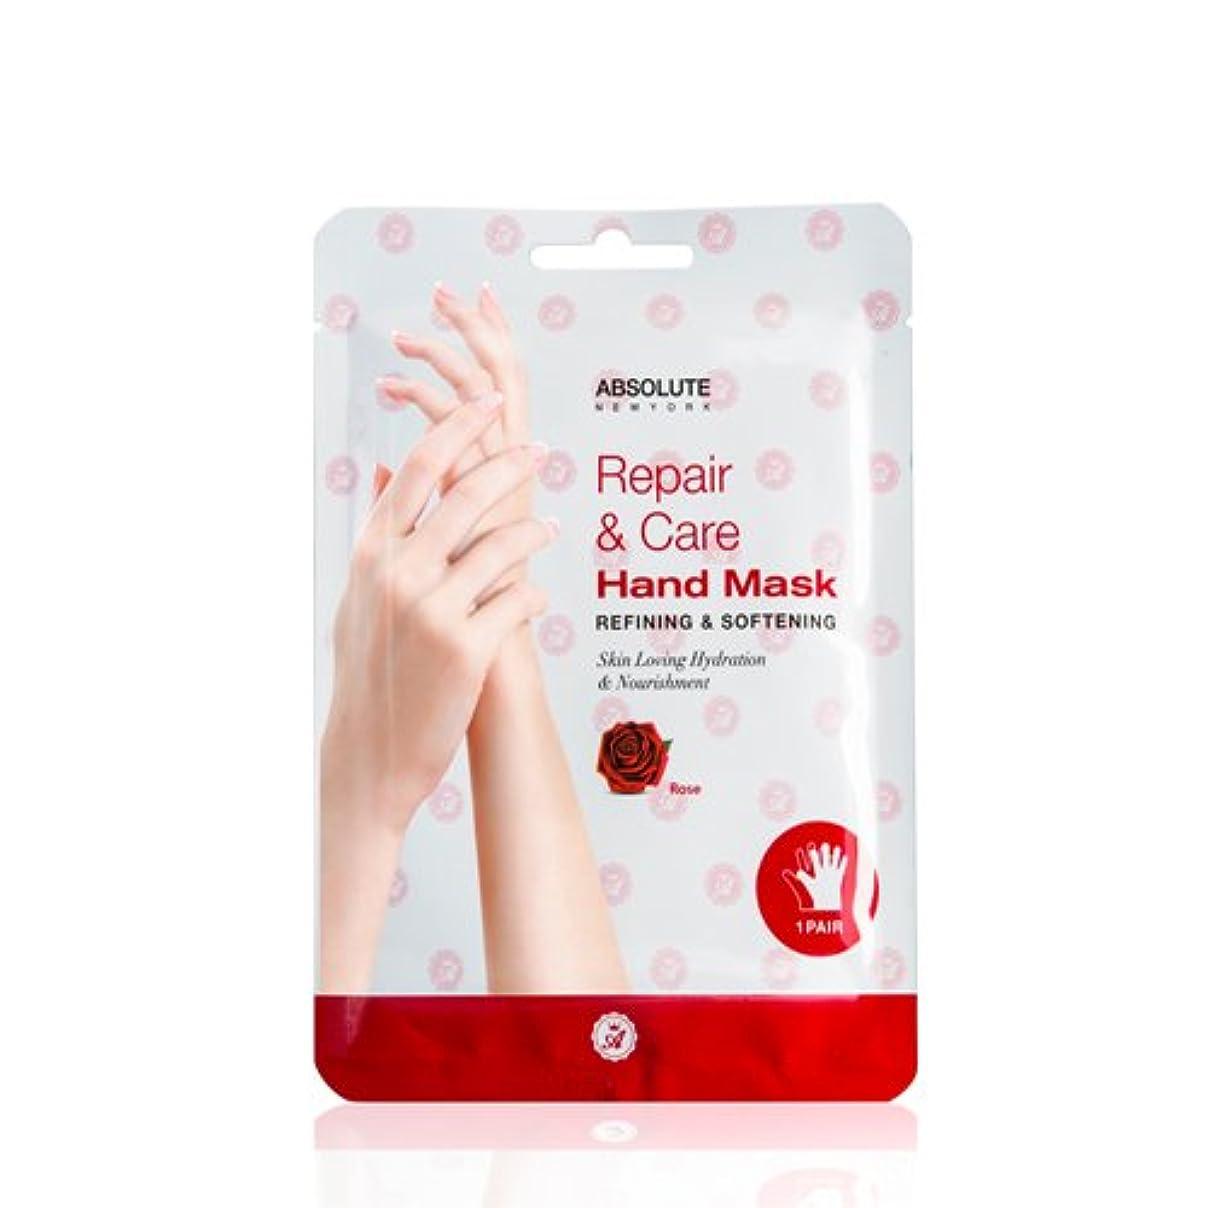 山論理的にソロ(3 Pack) Absolute Repair & Care Hand Mask - Rose (並行輸入品)